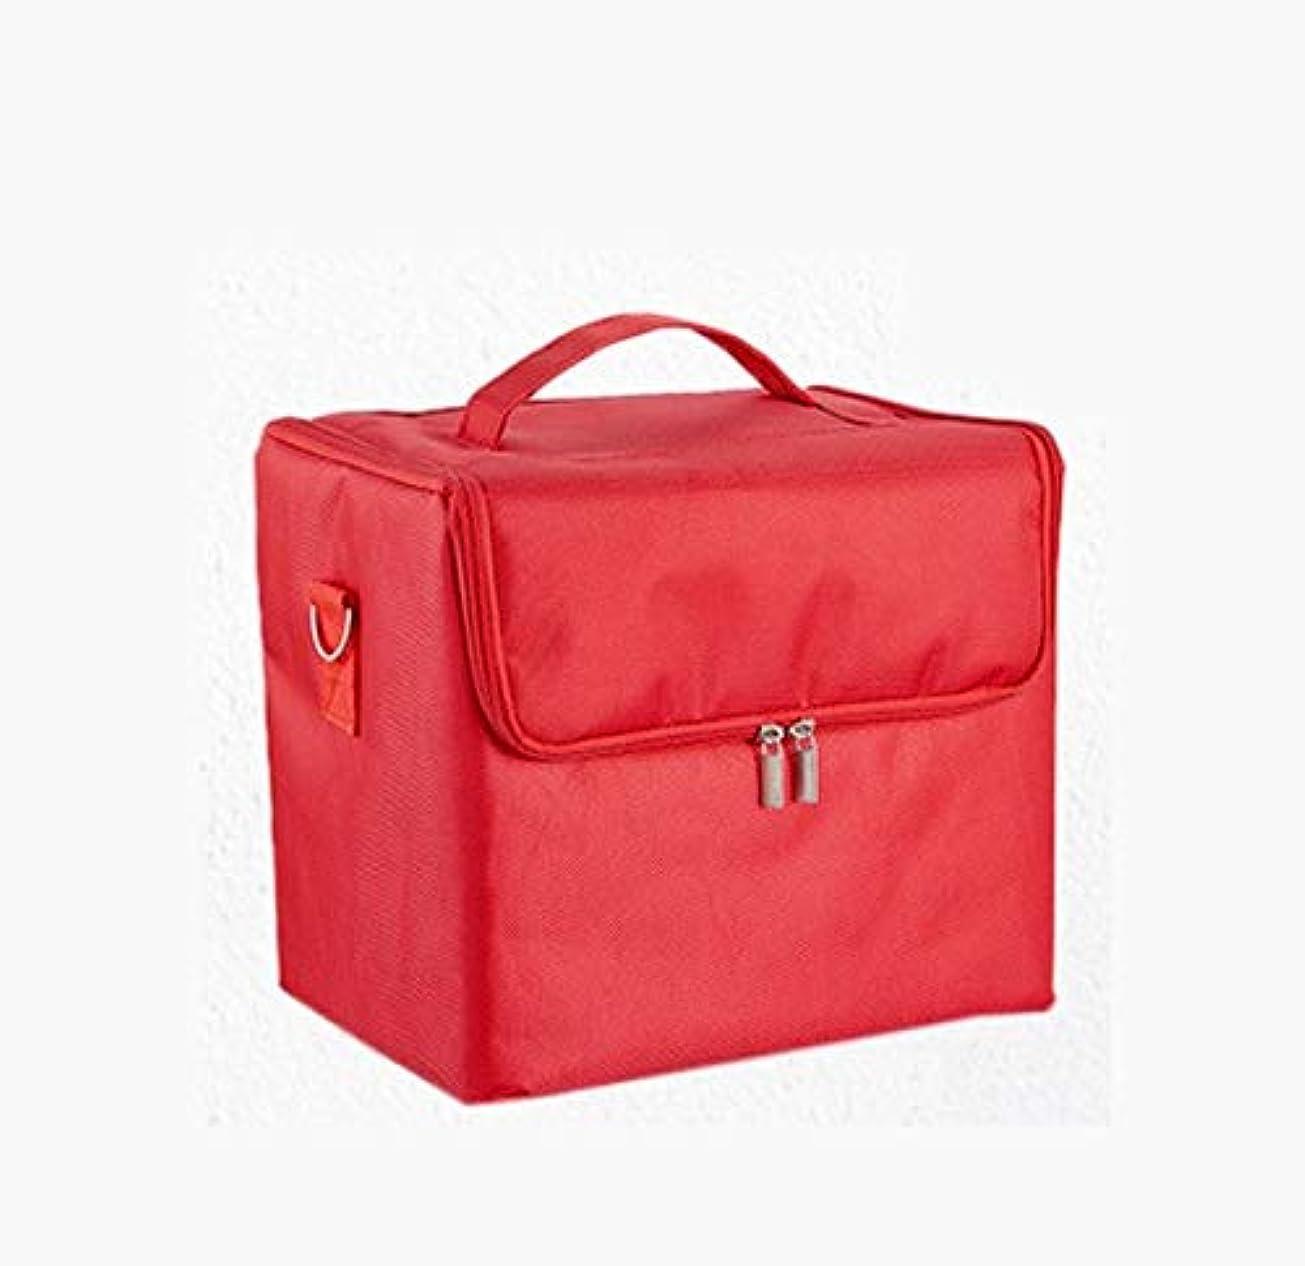 ボックス悪の許す化粧箱、大容量多機能防水化粧品ケース、携帯用旅行化粧品袋収納袋、美容化粧ネイルジュエリー収納箱 (Color : Red)